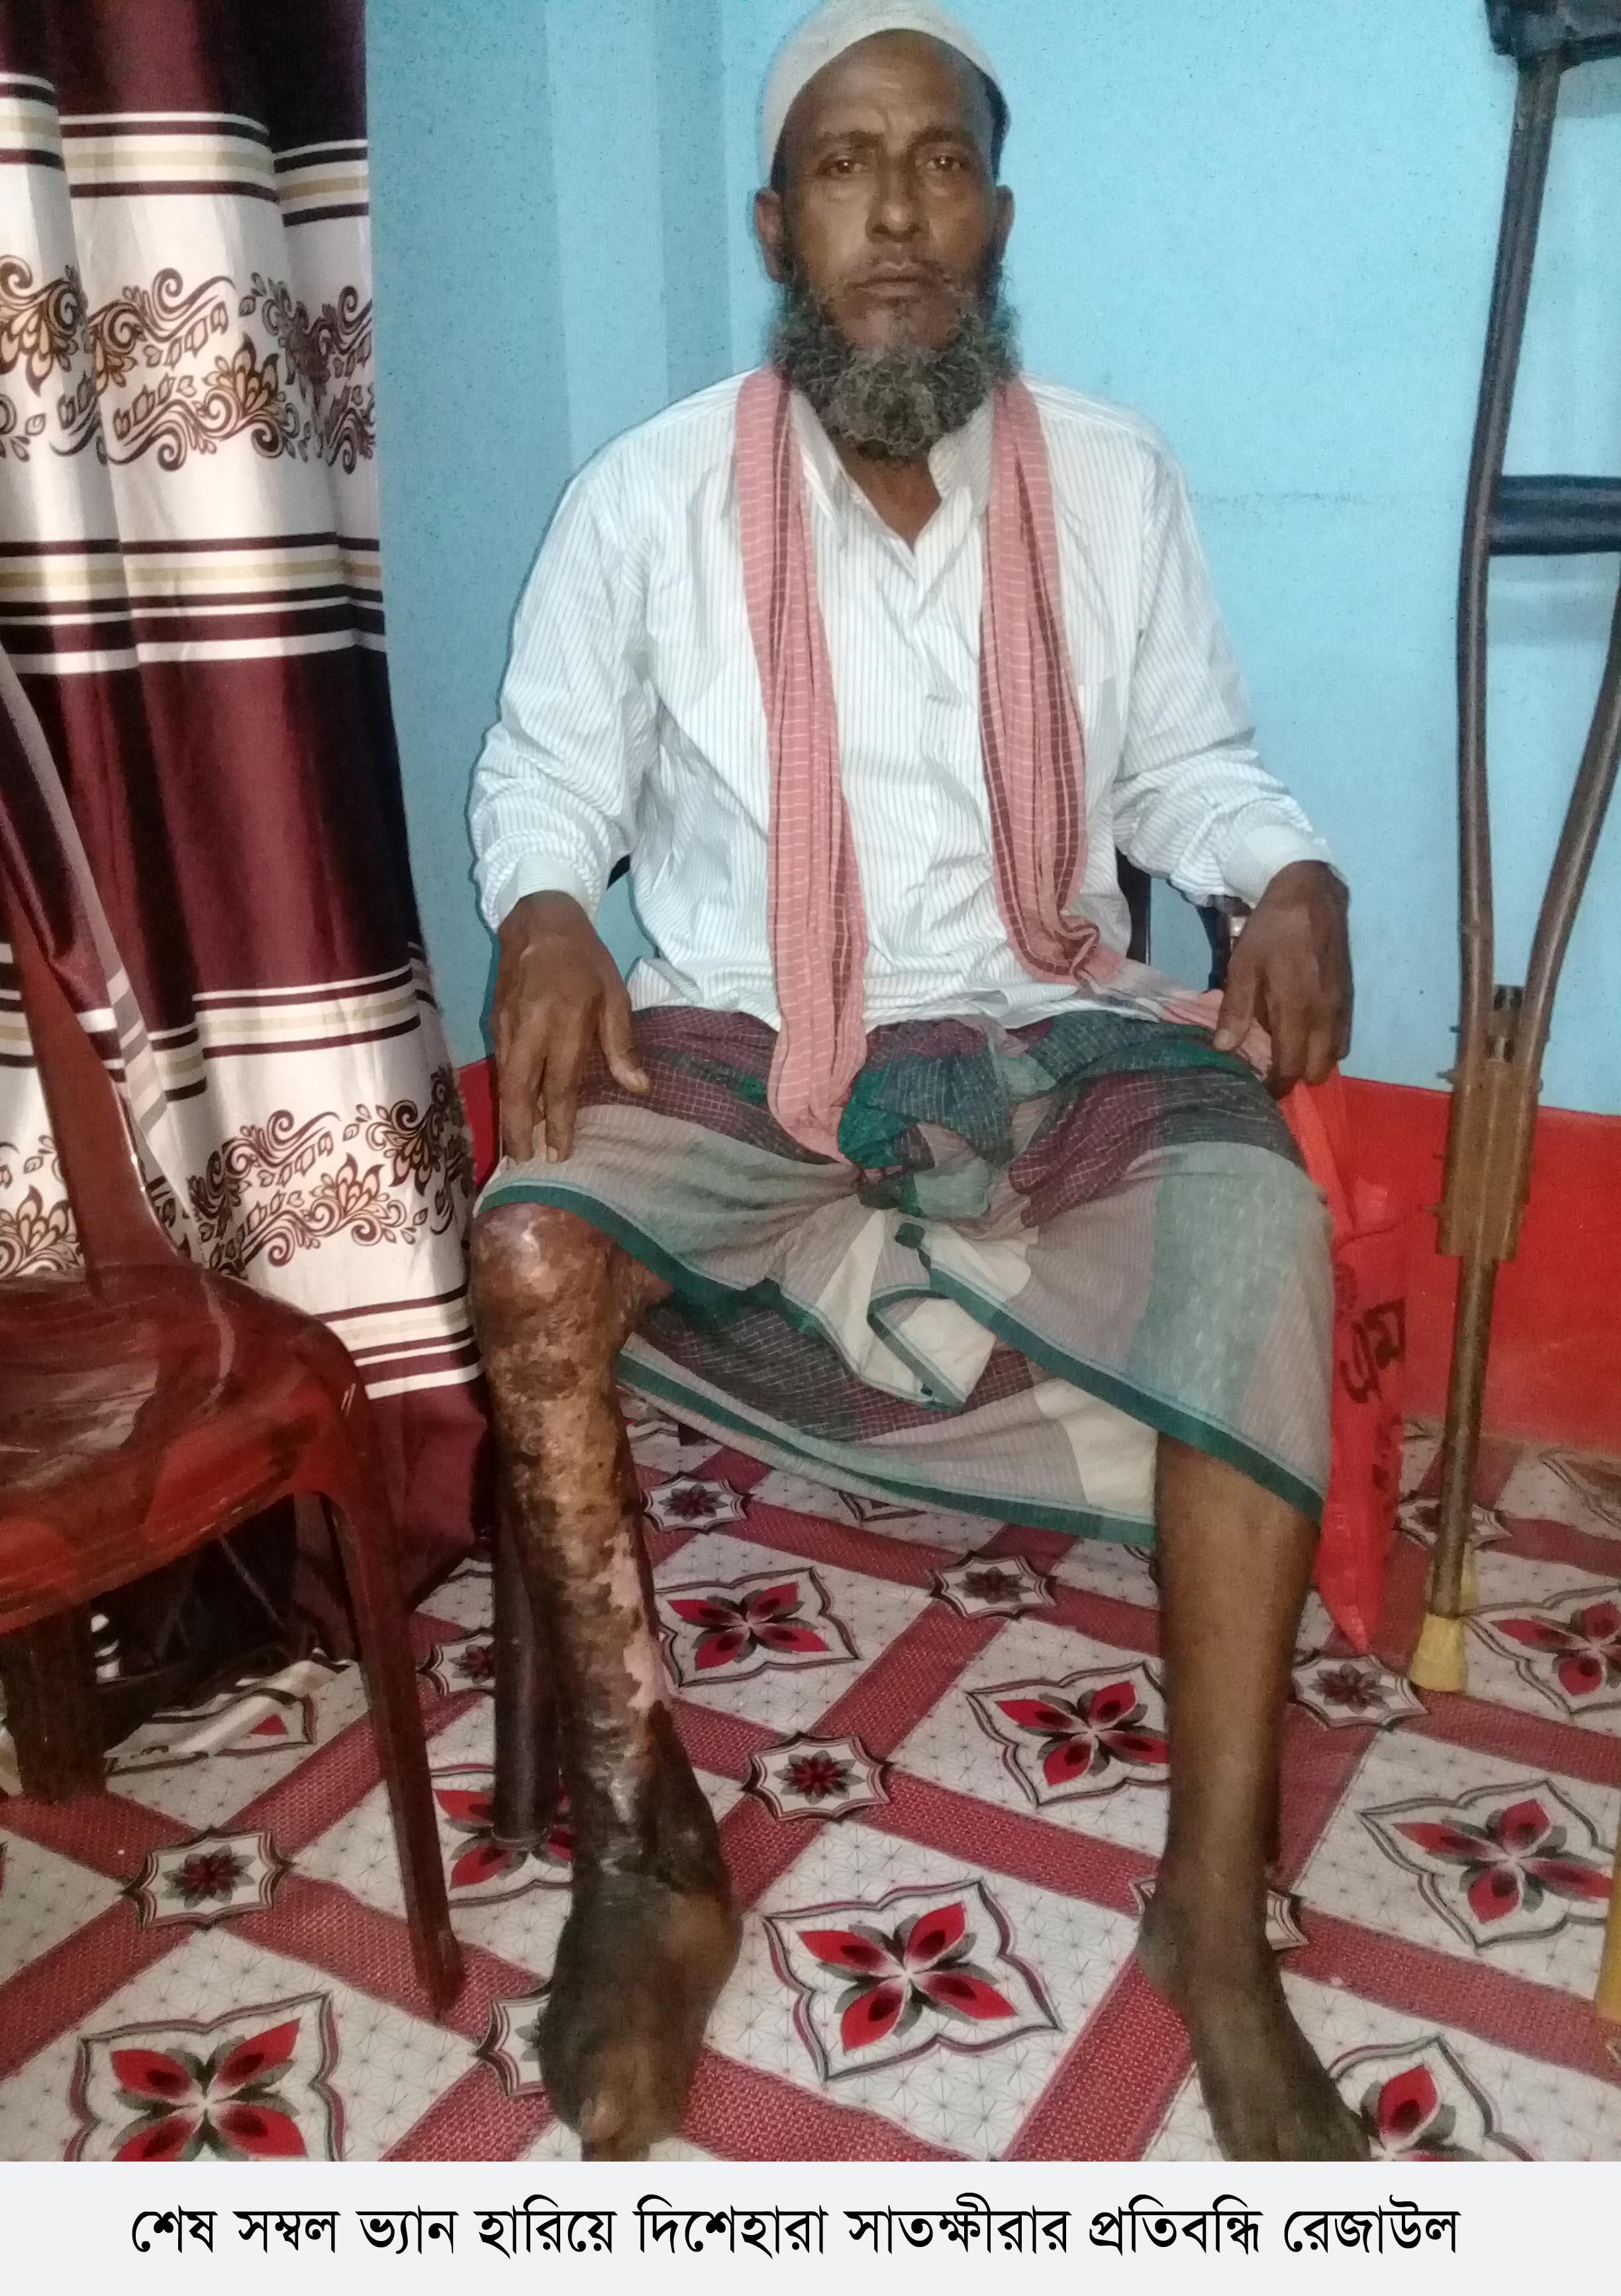 শেষ সম্বল ভ্যান হারিয়ে দিশেহারা প্রতিবন্ধি রেজাউল